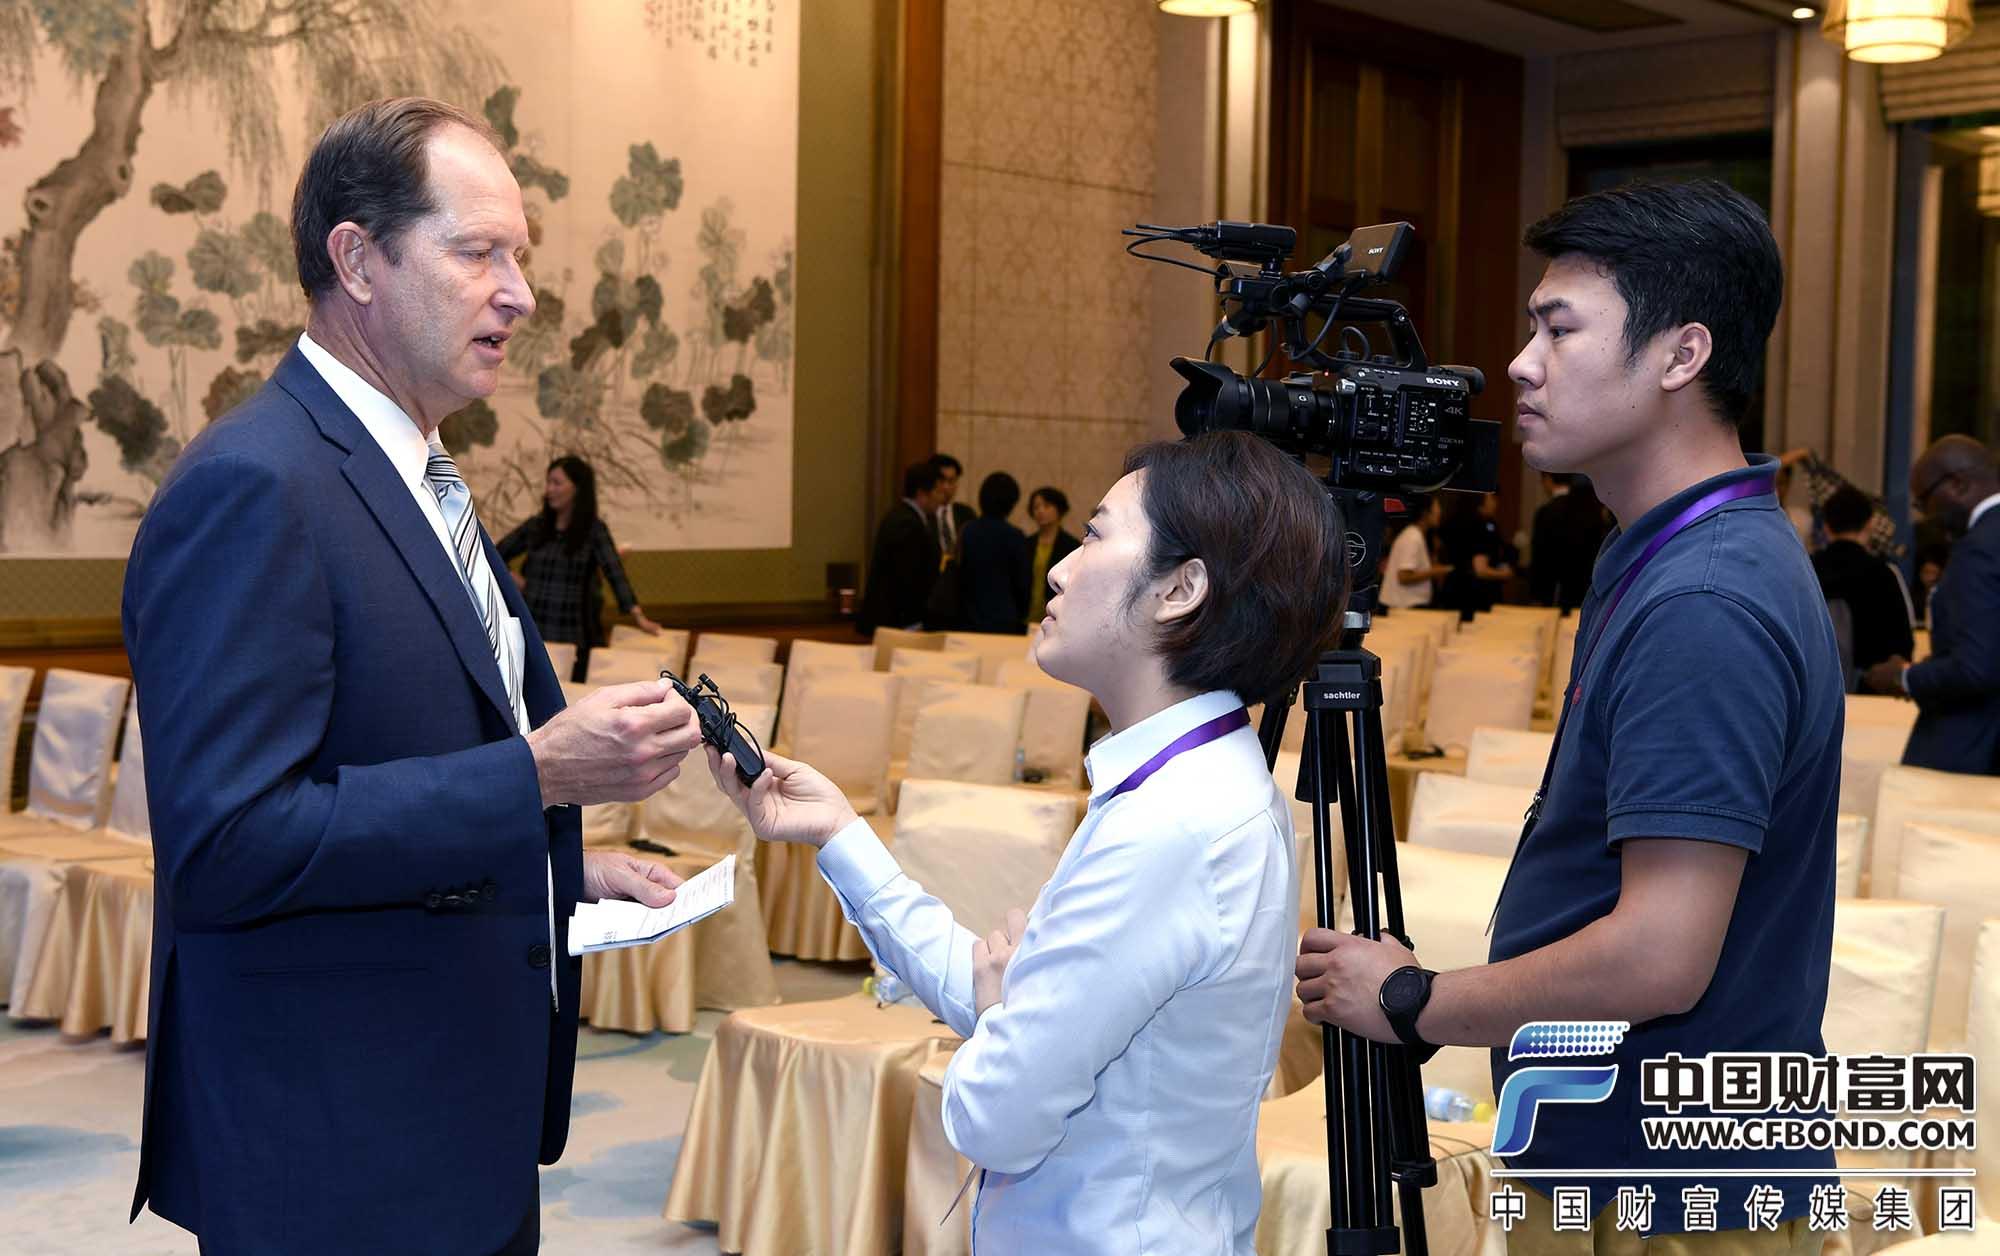 中国财富网记者张静静采访马克·布热津斯基